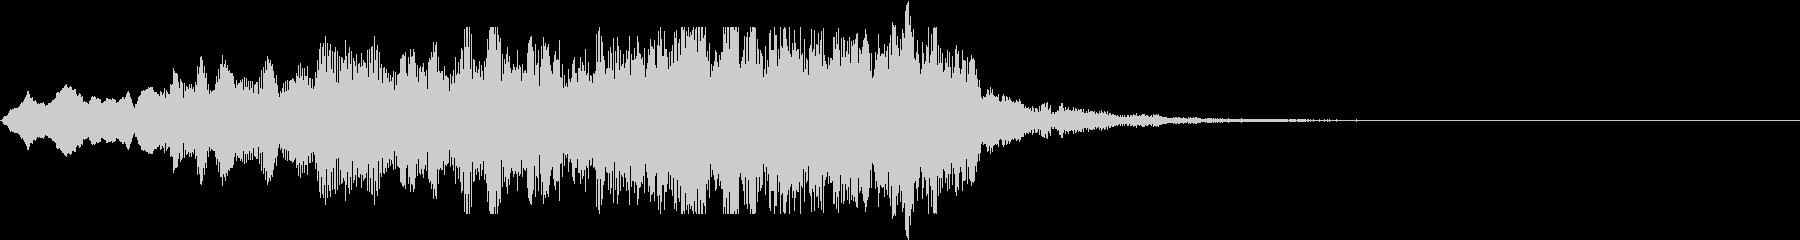 ボーイソプラノ2 アート芸術聖歌 10秒の未再生の波形